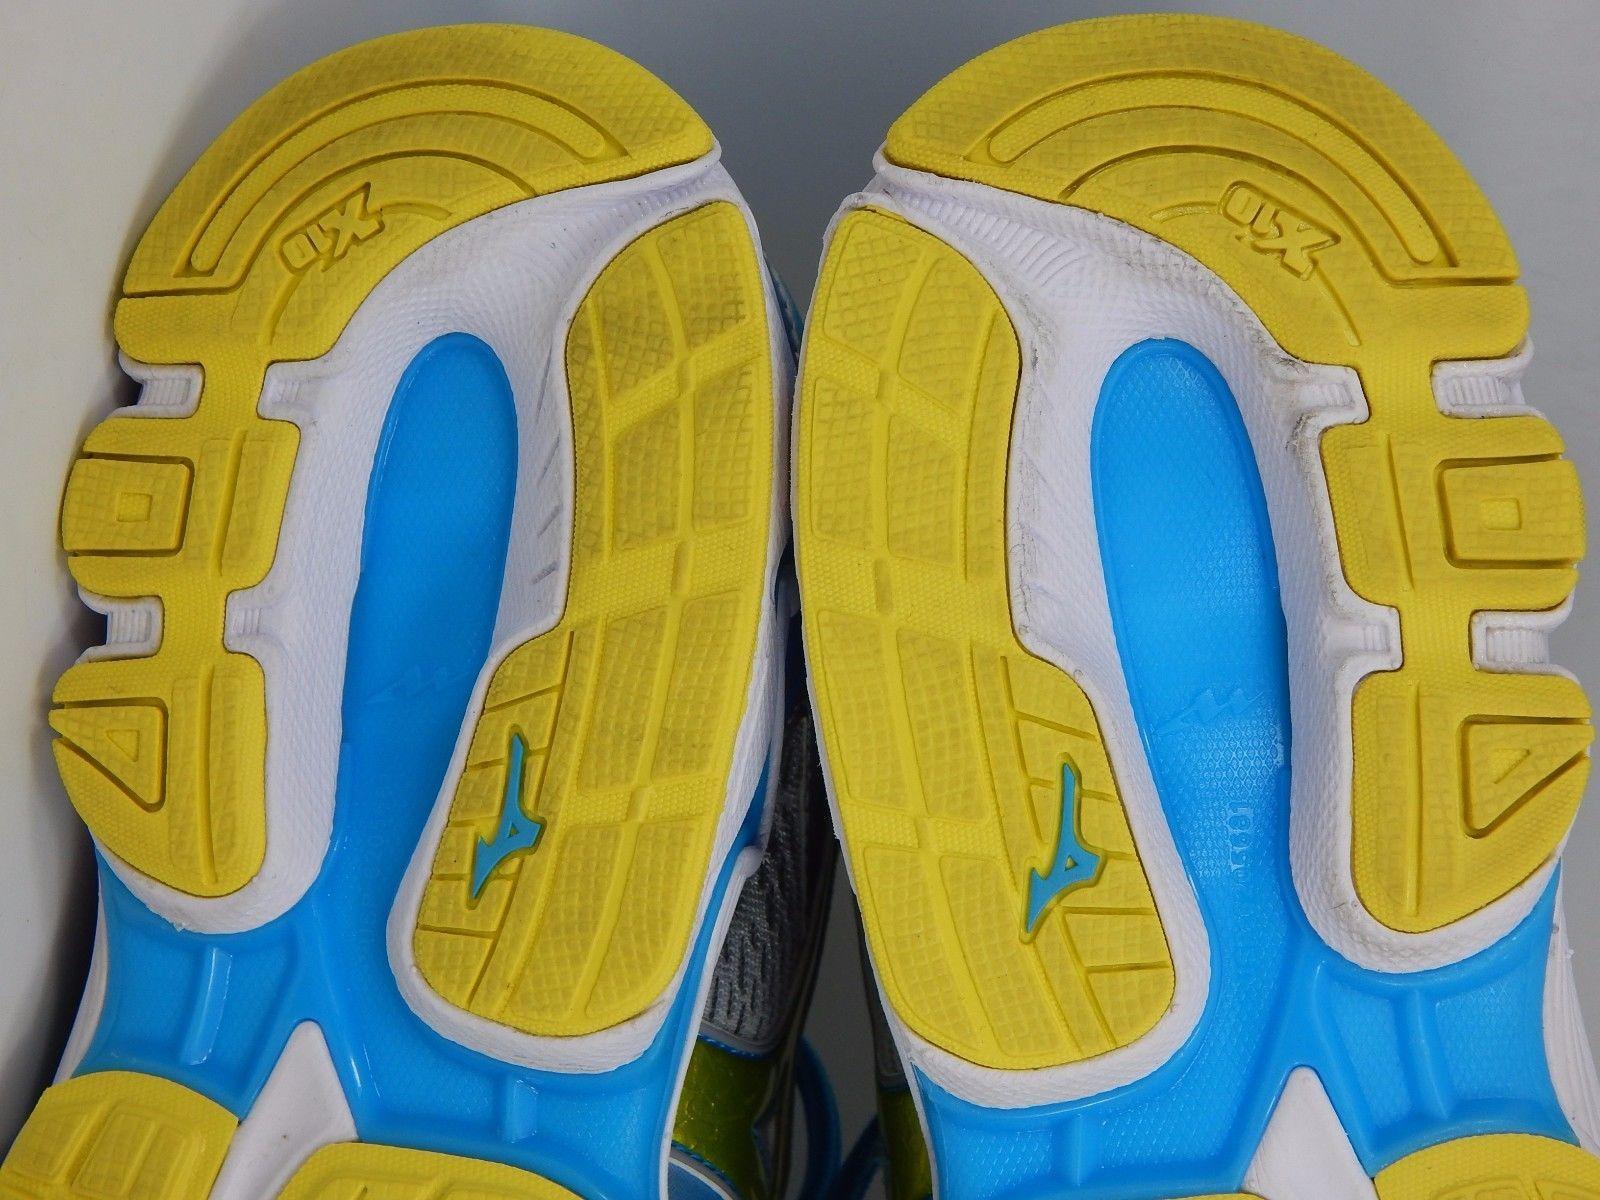 Mizuno Wave Inspire 13 Women's Running Shoes Sz US 11.5 M (B) EU 43 Silver Blue